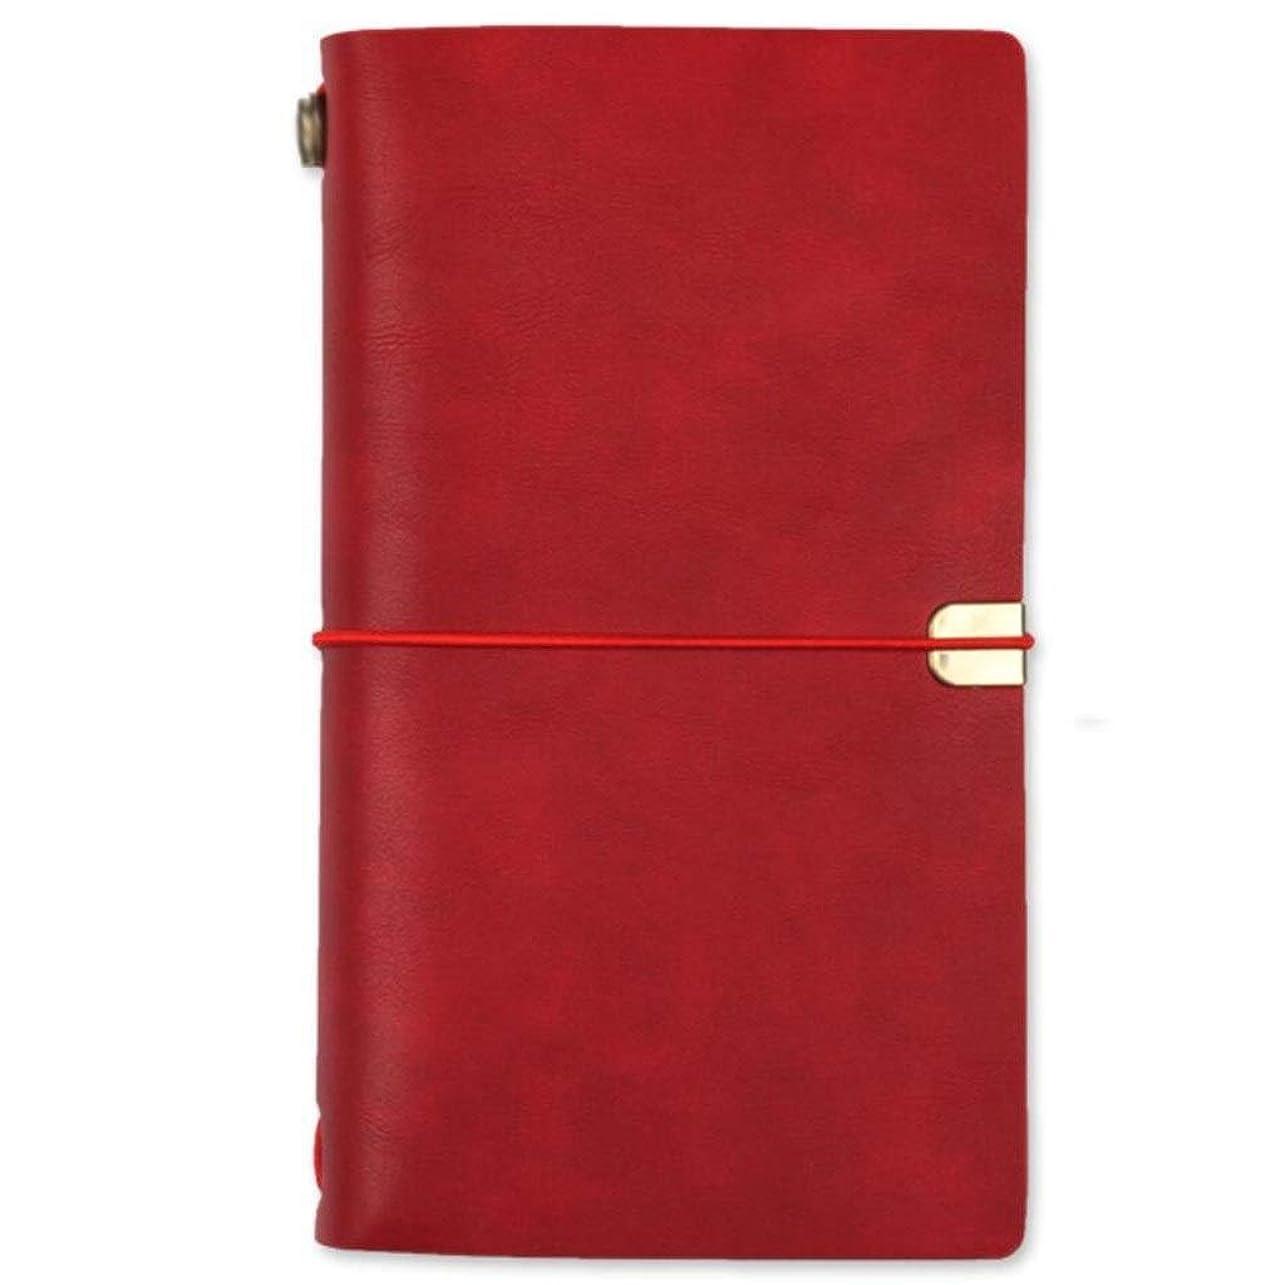 書き込み ポケットトラベラーズノートA6、ルーズリーフハンドブックレトロクリエイティブハンドブックダイアリーブック、3個 学生の (Color : Red)